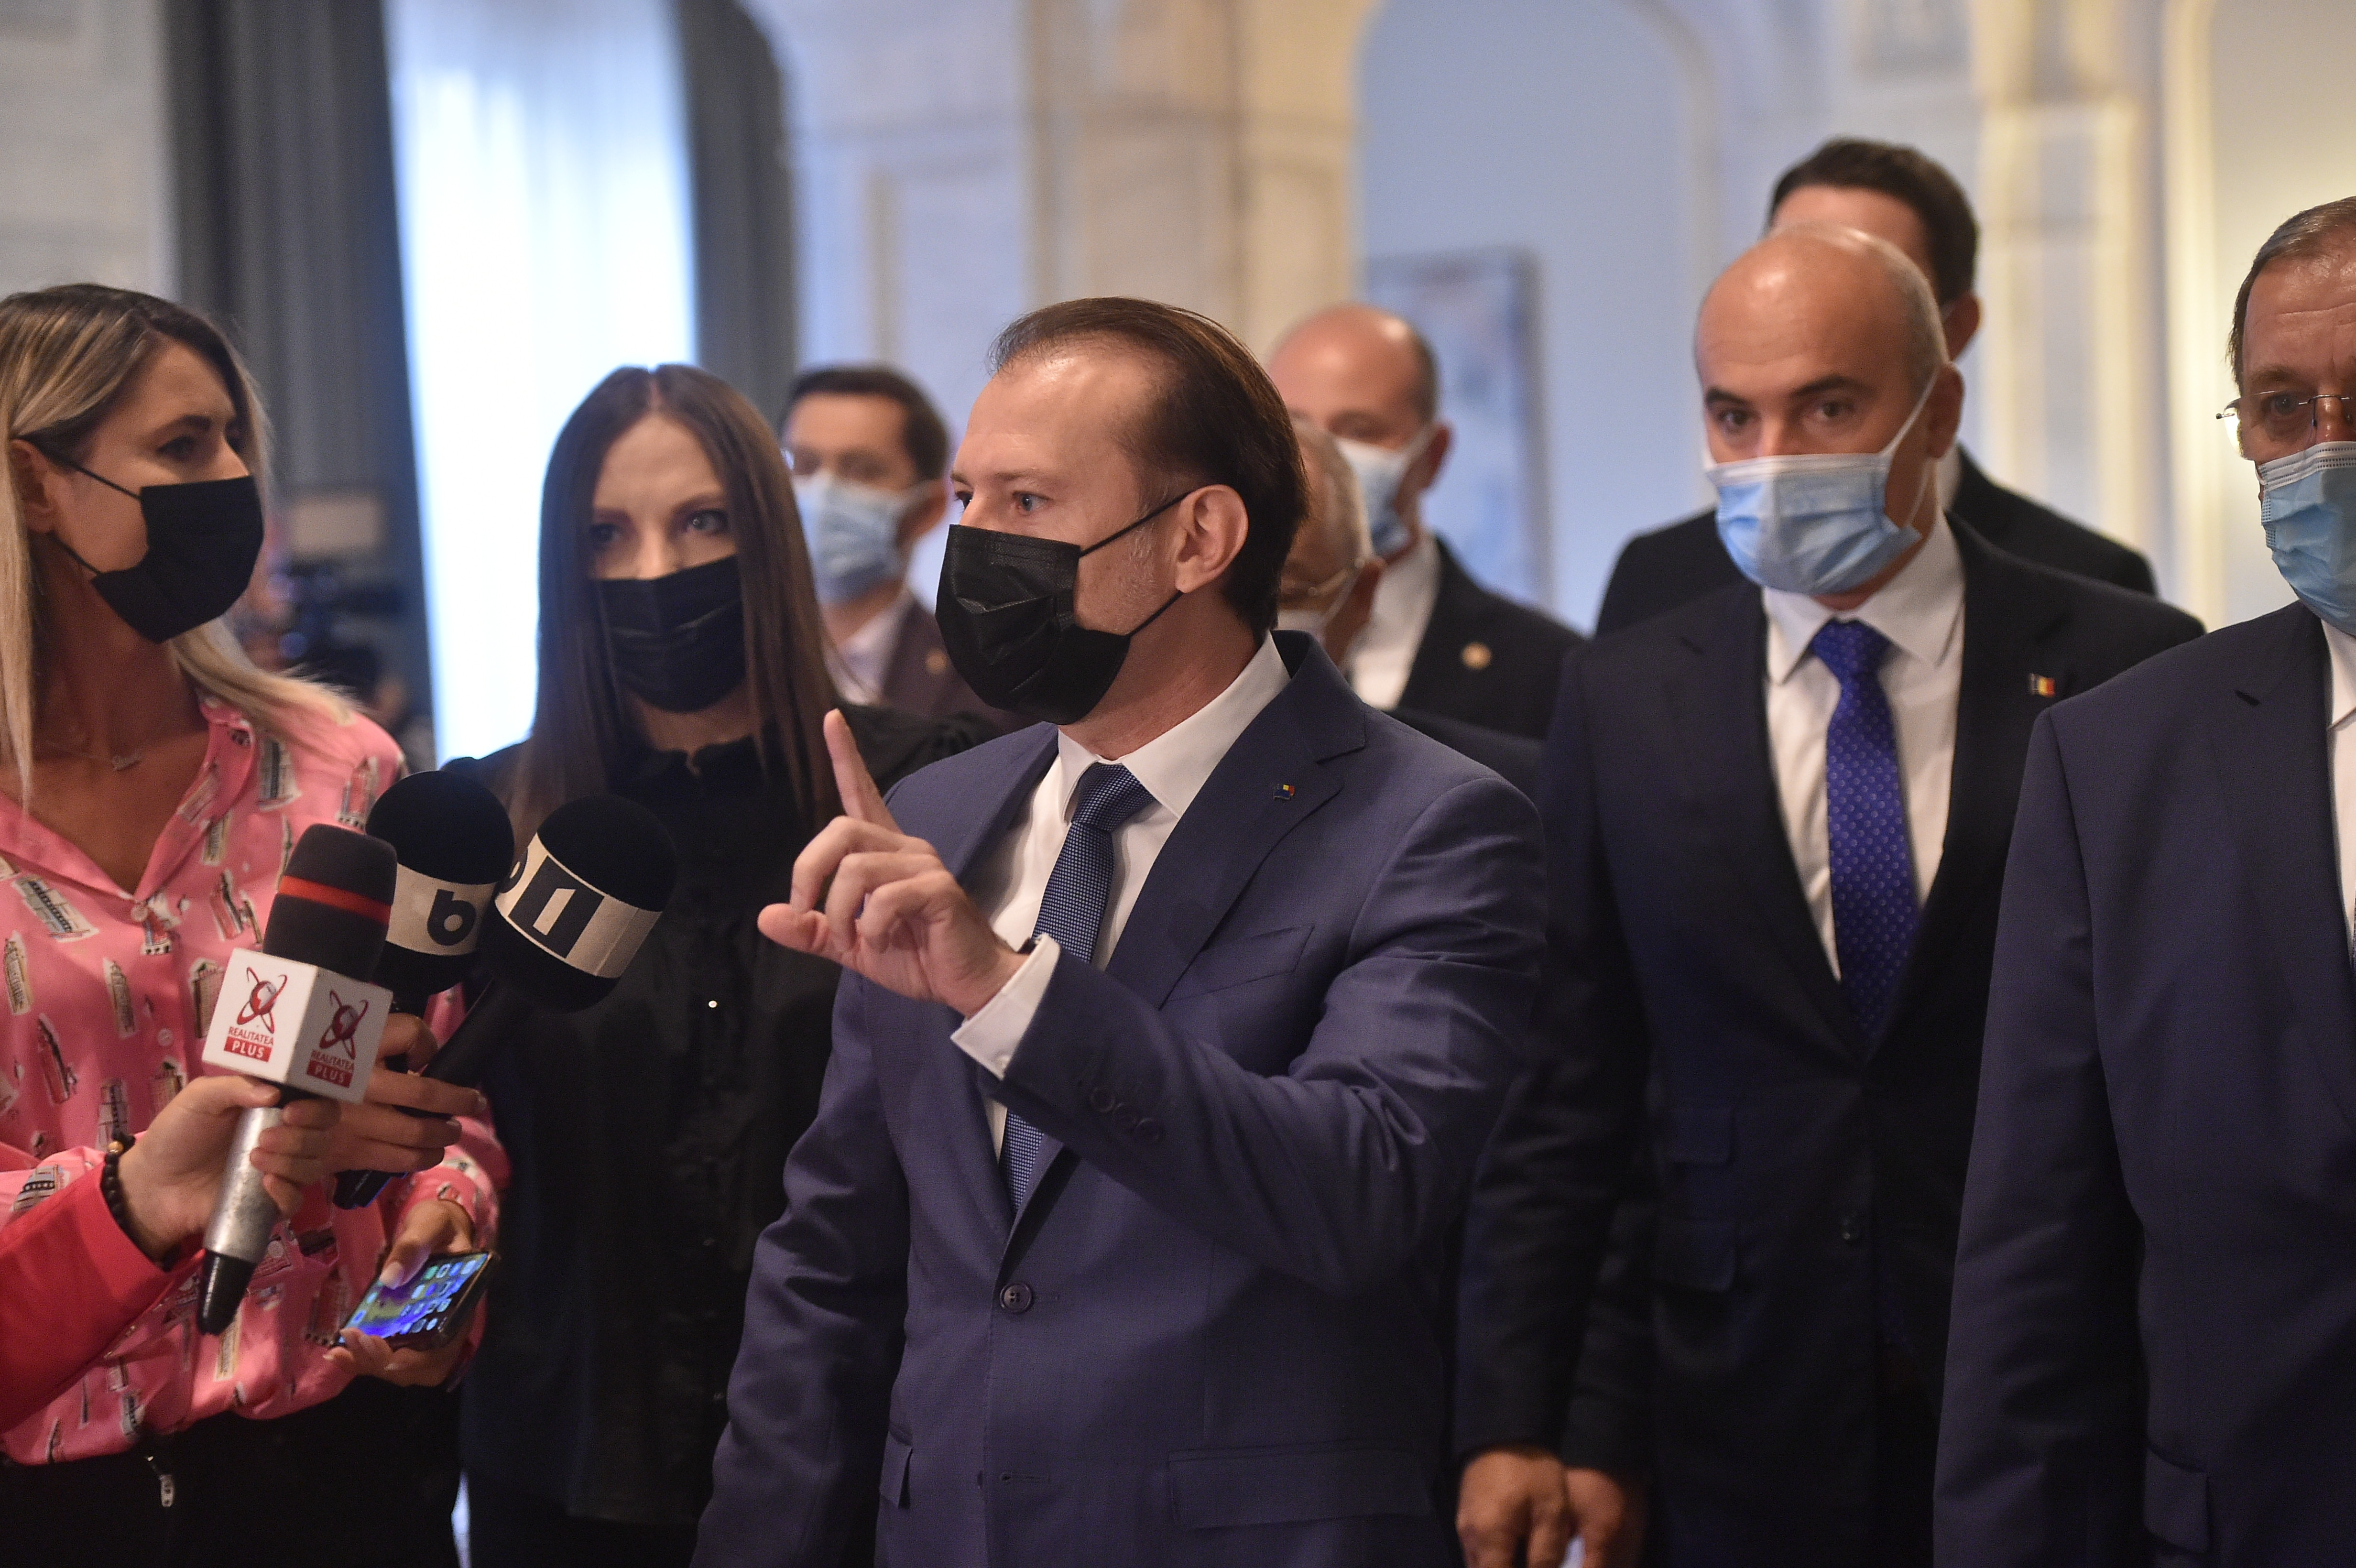 PNL le interzice parlamentarilor săi să participe la ședința convocată de Orban pentru moțiune